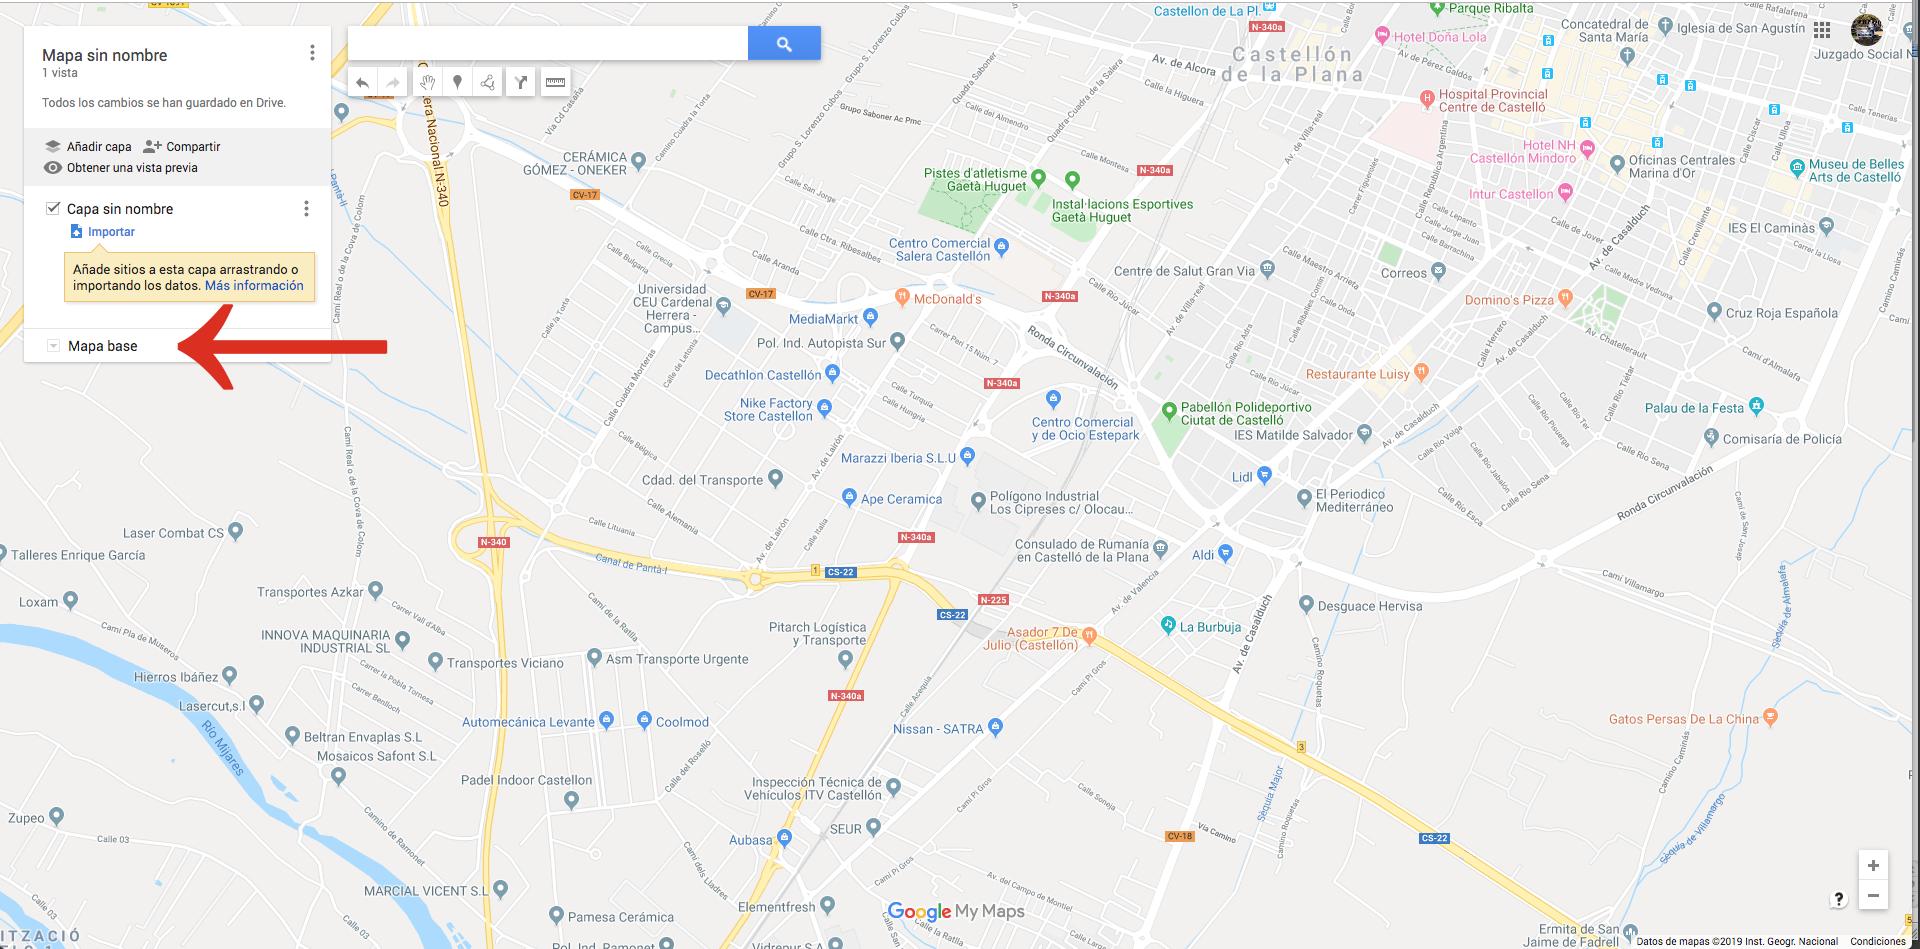 Crear Un Mapa Personalizado.Como Puedo Retirar Desactivar De Mi Mapa Todos Los Bancos